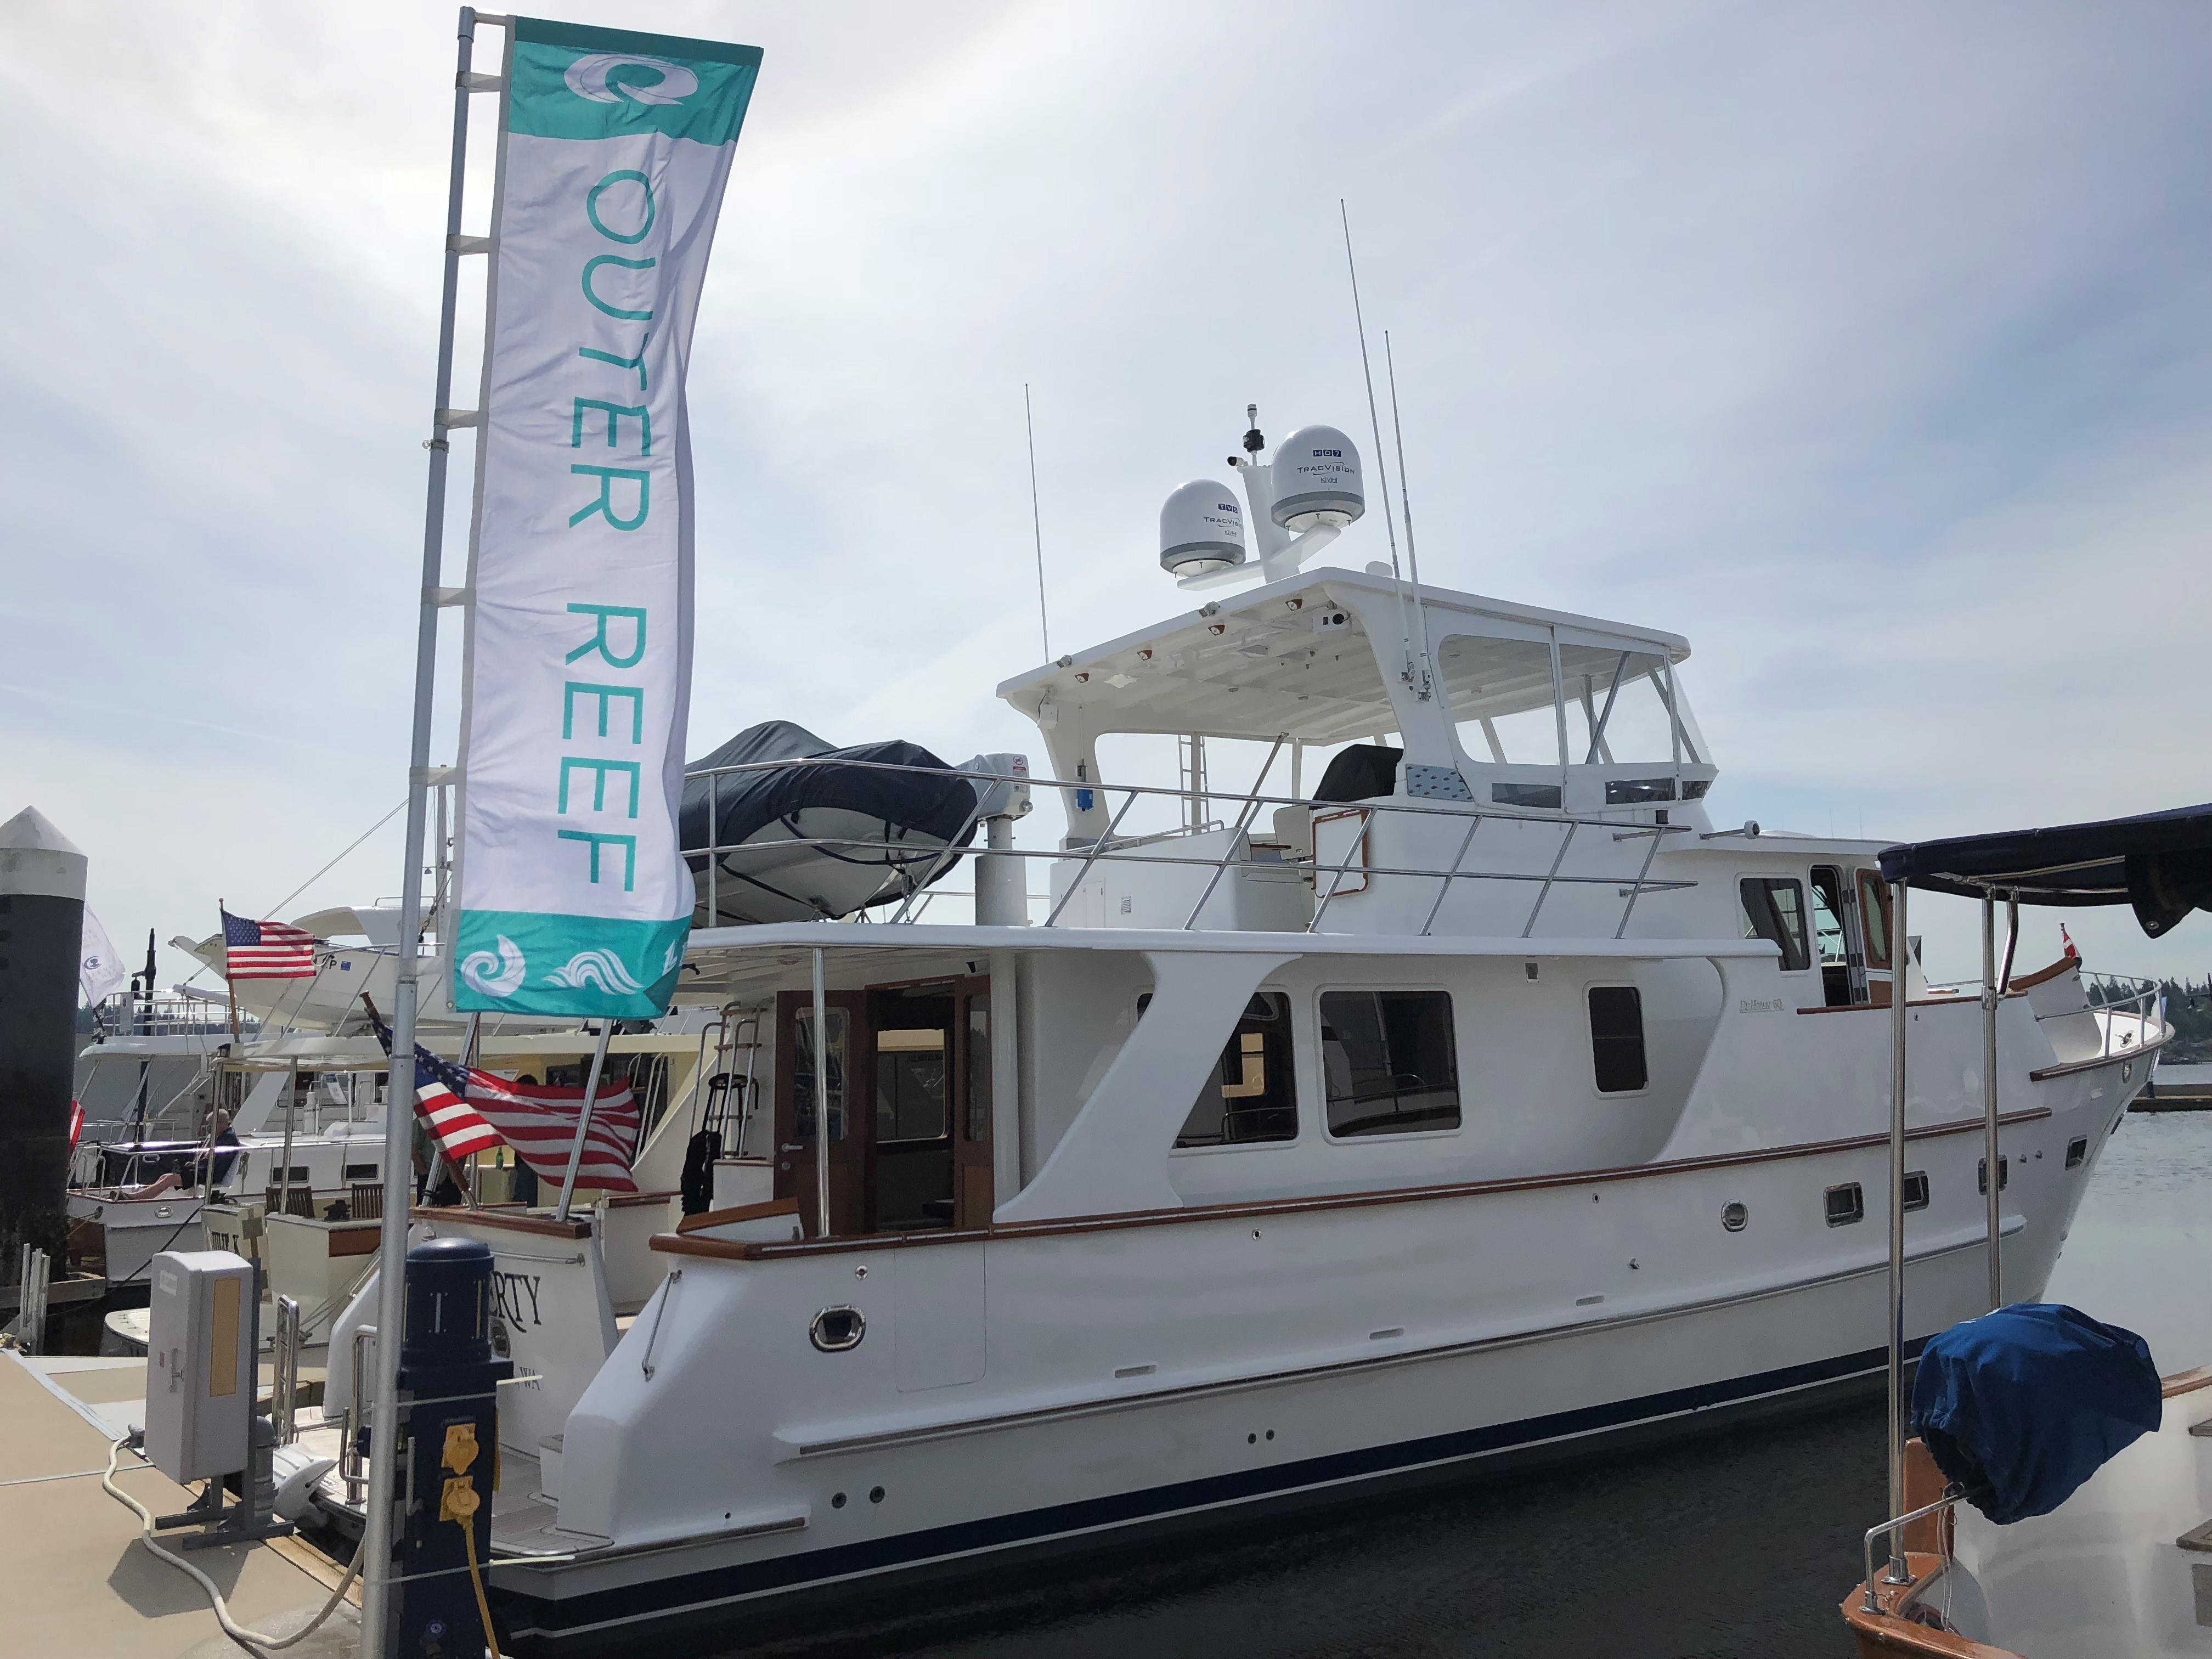 Outer Reef Yachts At 2018 Bremerton, WA Trawlerfest